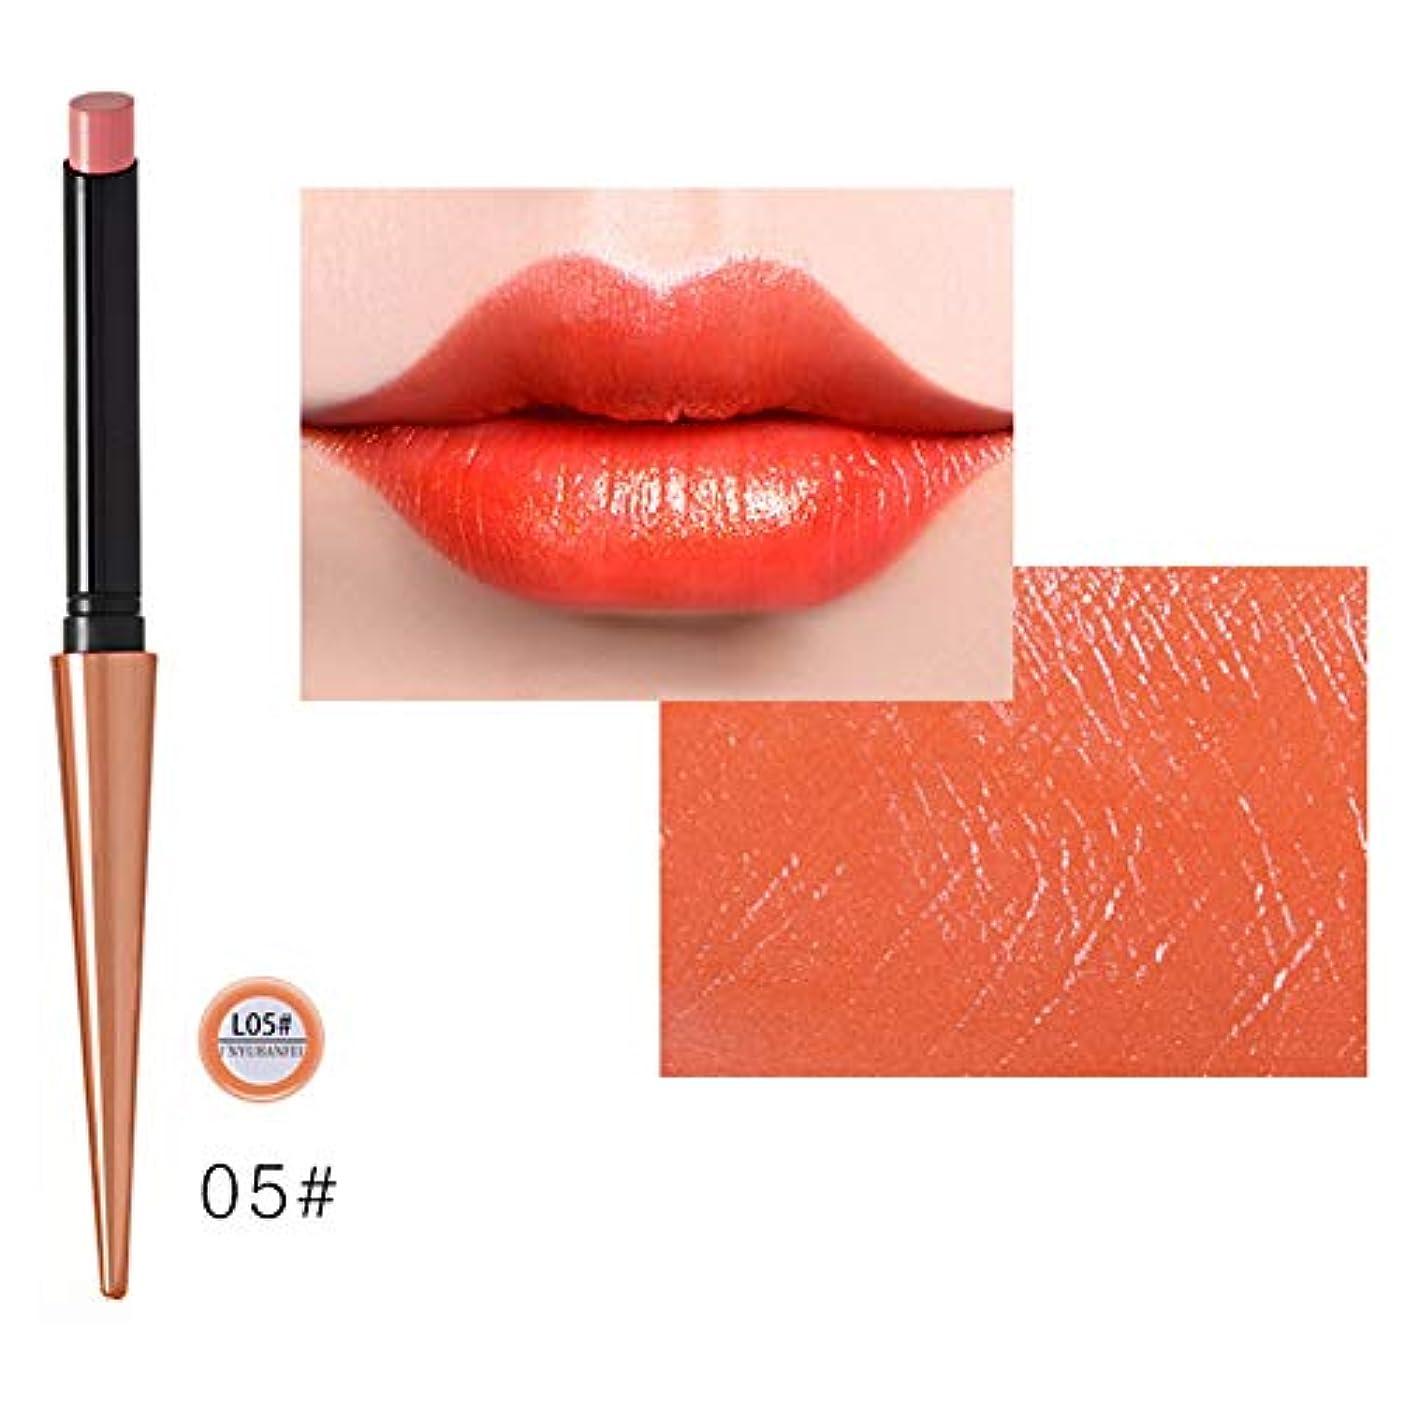 美的一回楽な口紅 リップマット リップティント リップスティック リップグロス つや消し 防水 長続き 唇の化粧品 化粧品 10色 Cutelove